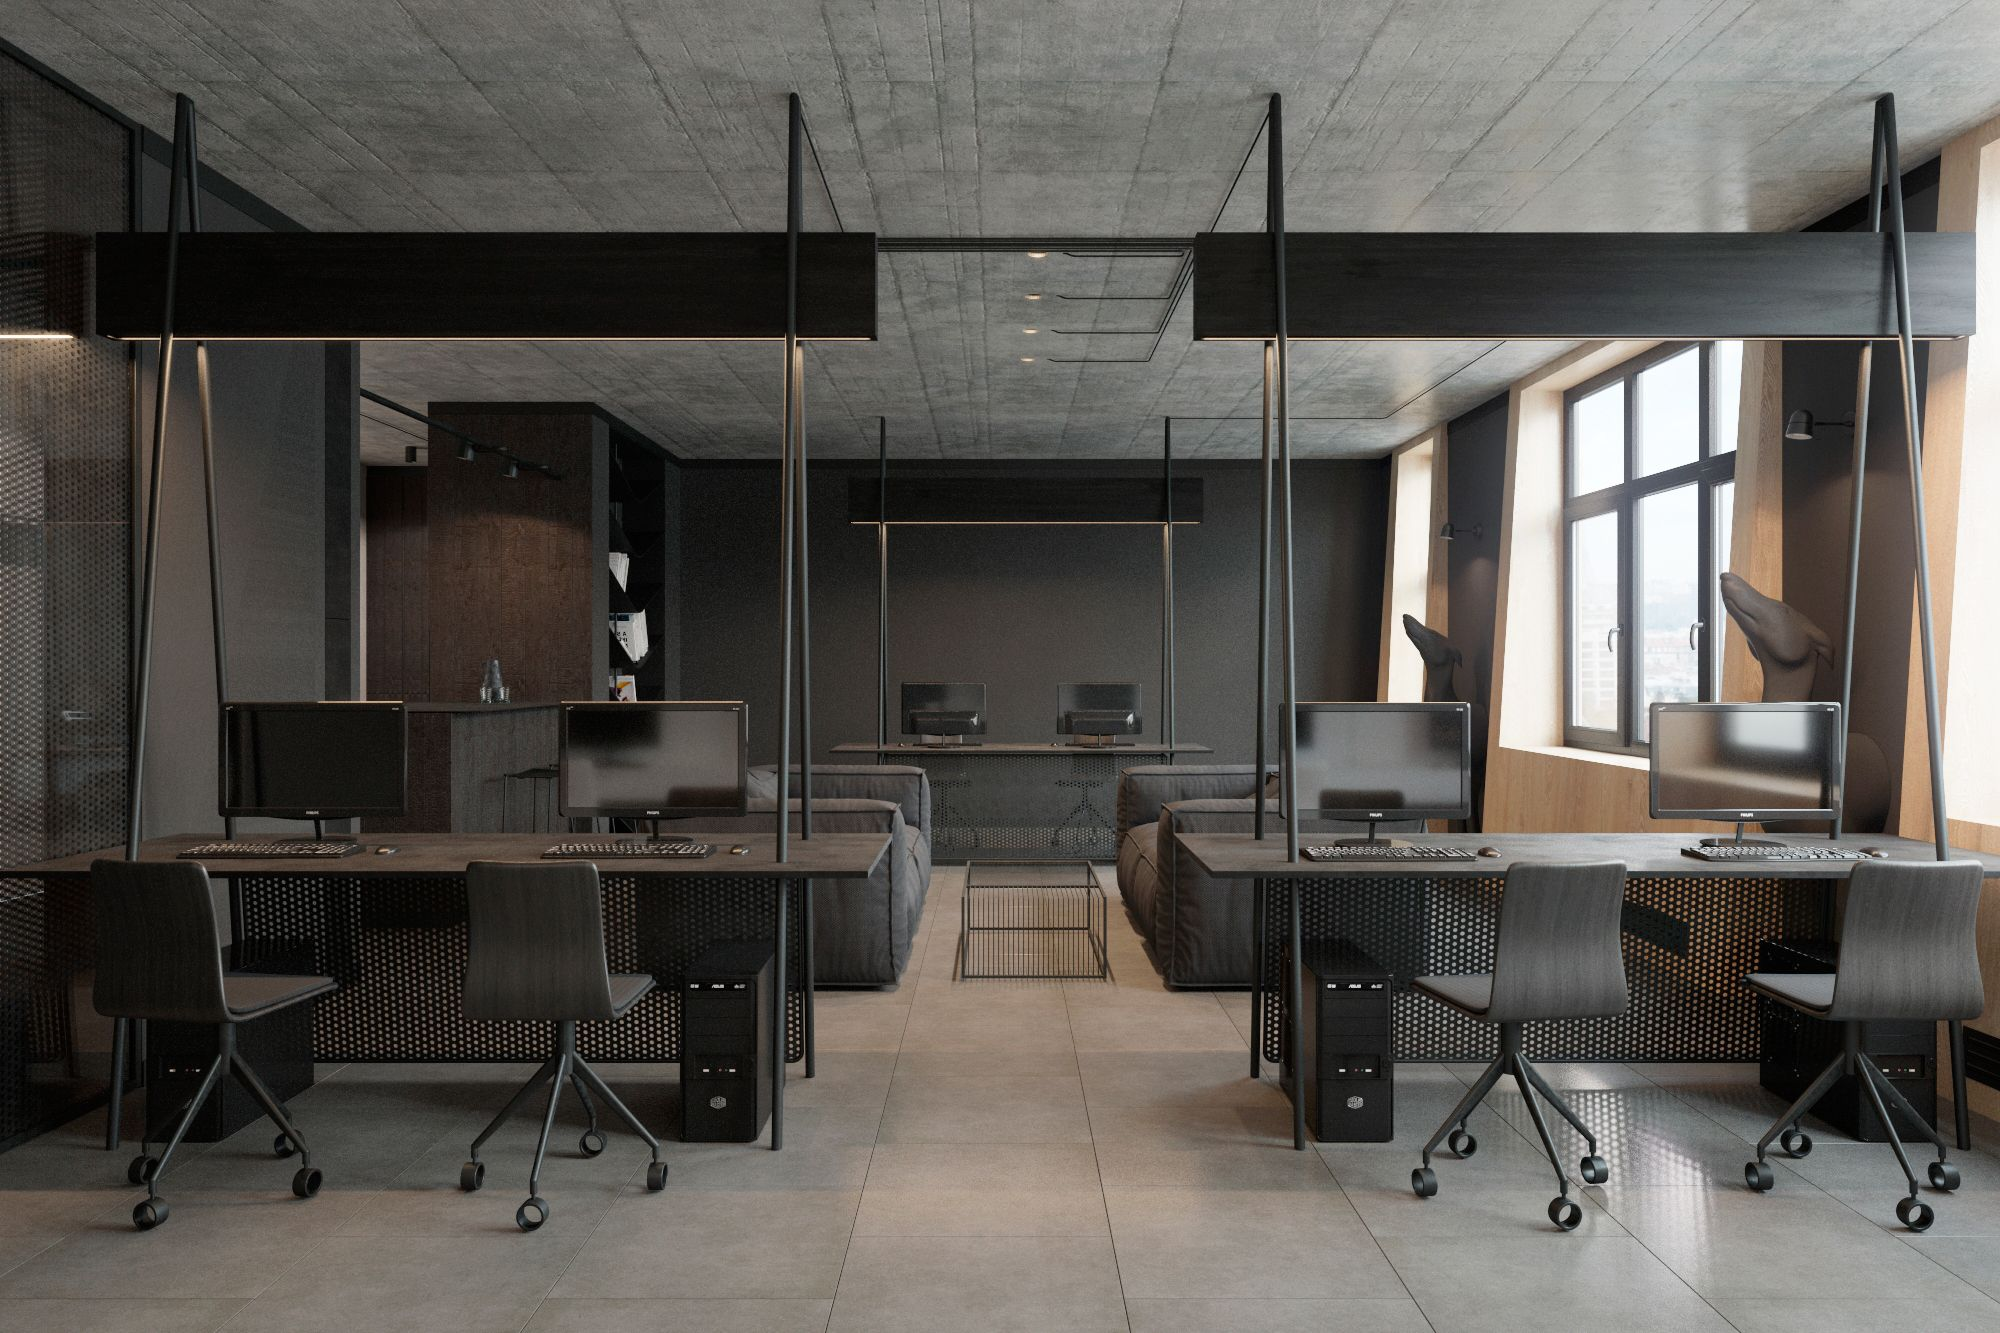 Office Interior In Minimalism Style From Ukrainian Design Studio Zooi Kiev Modern Office Design Office Furniture Modern Office Interior Design